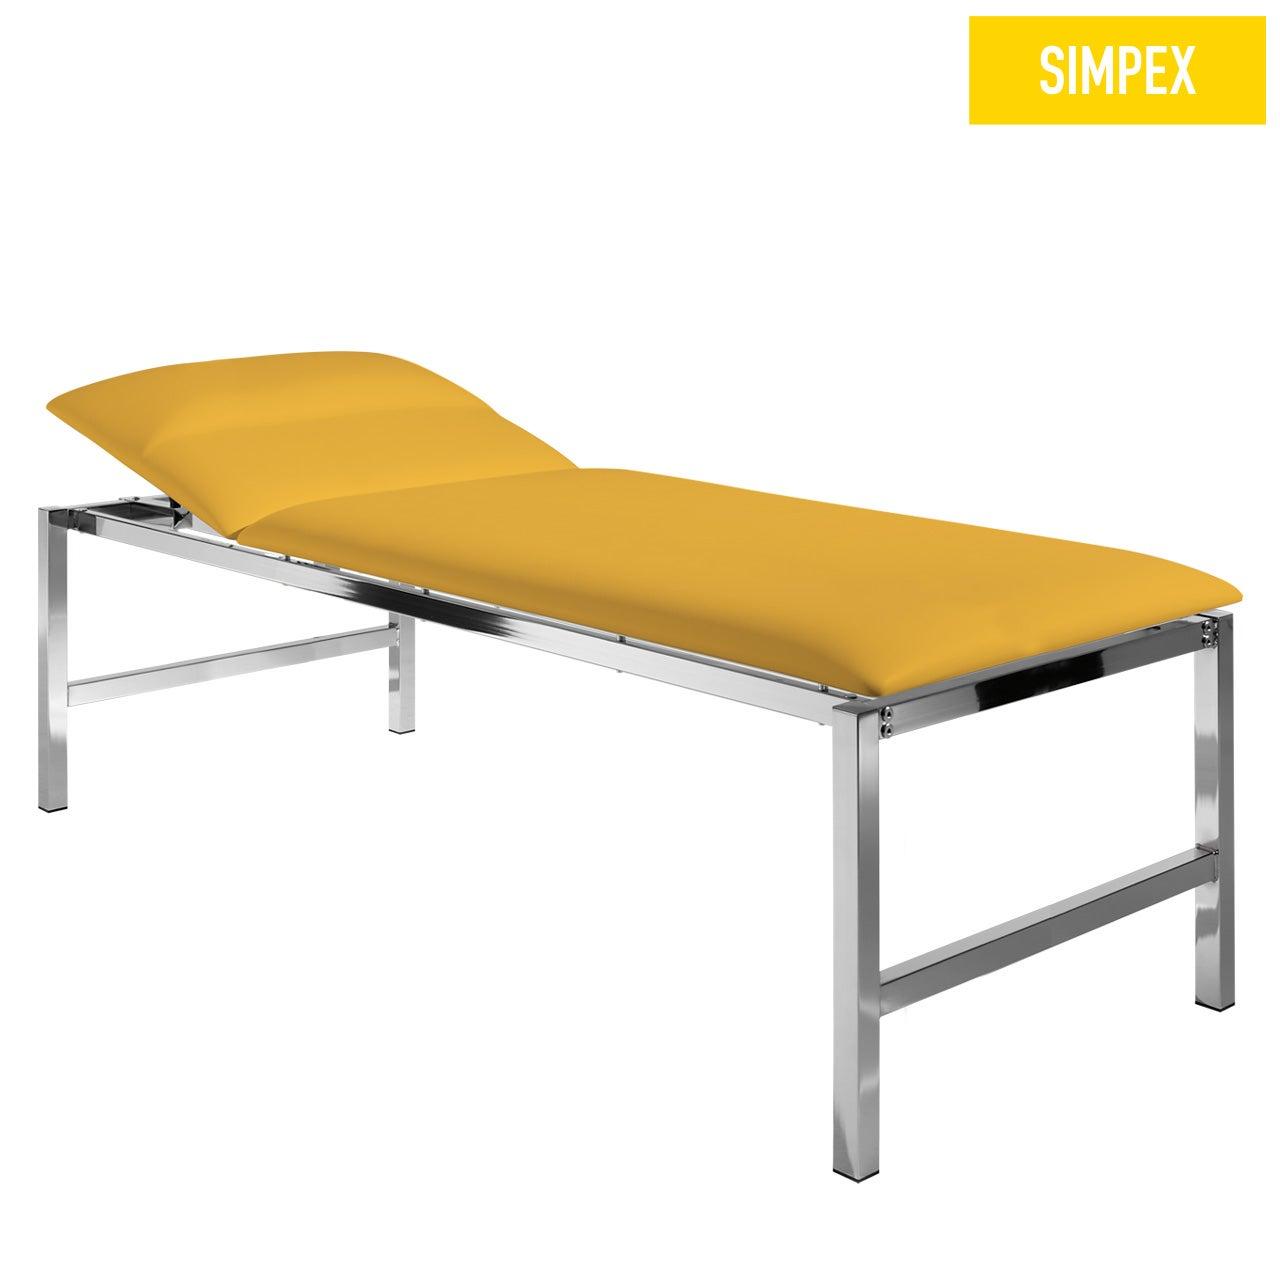 EKG-Schwerlastliege BELINDA 80 Classic XL mit Kunstleder in gelb (mais) und einem Gestell aus Stahl verchromt von SIMPEX